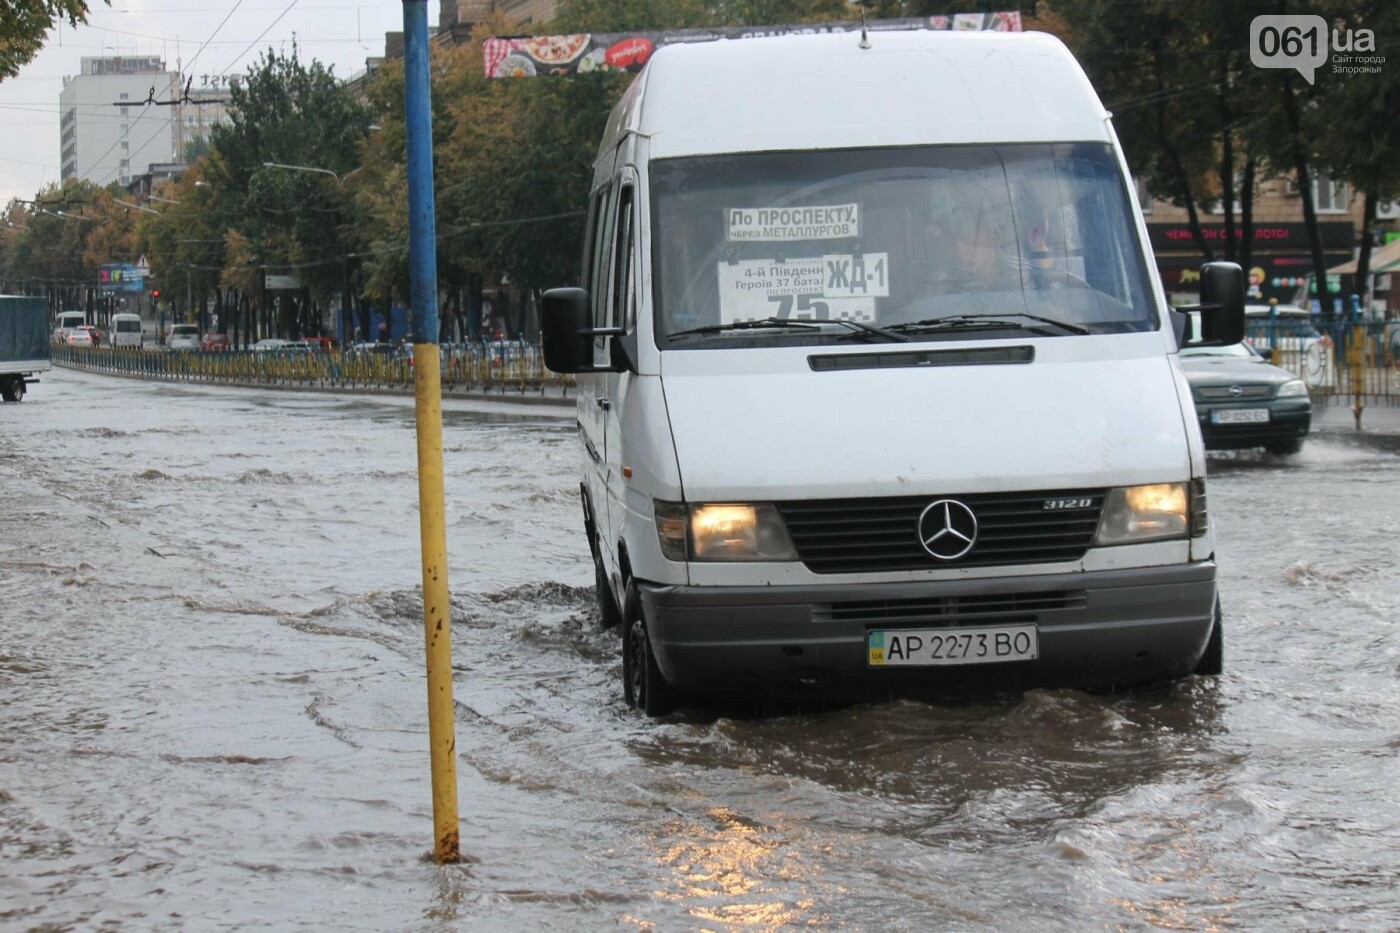 Запорожье накрыл мощный ливень: улицы затопило, люди насквозь промокли, – ФОТОРЕПОРТАЖ, фото-5